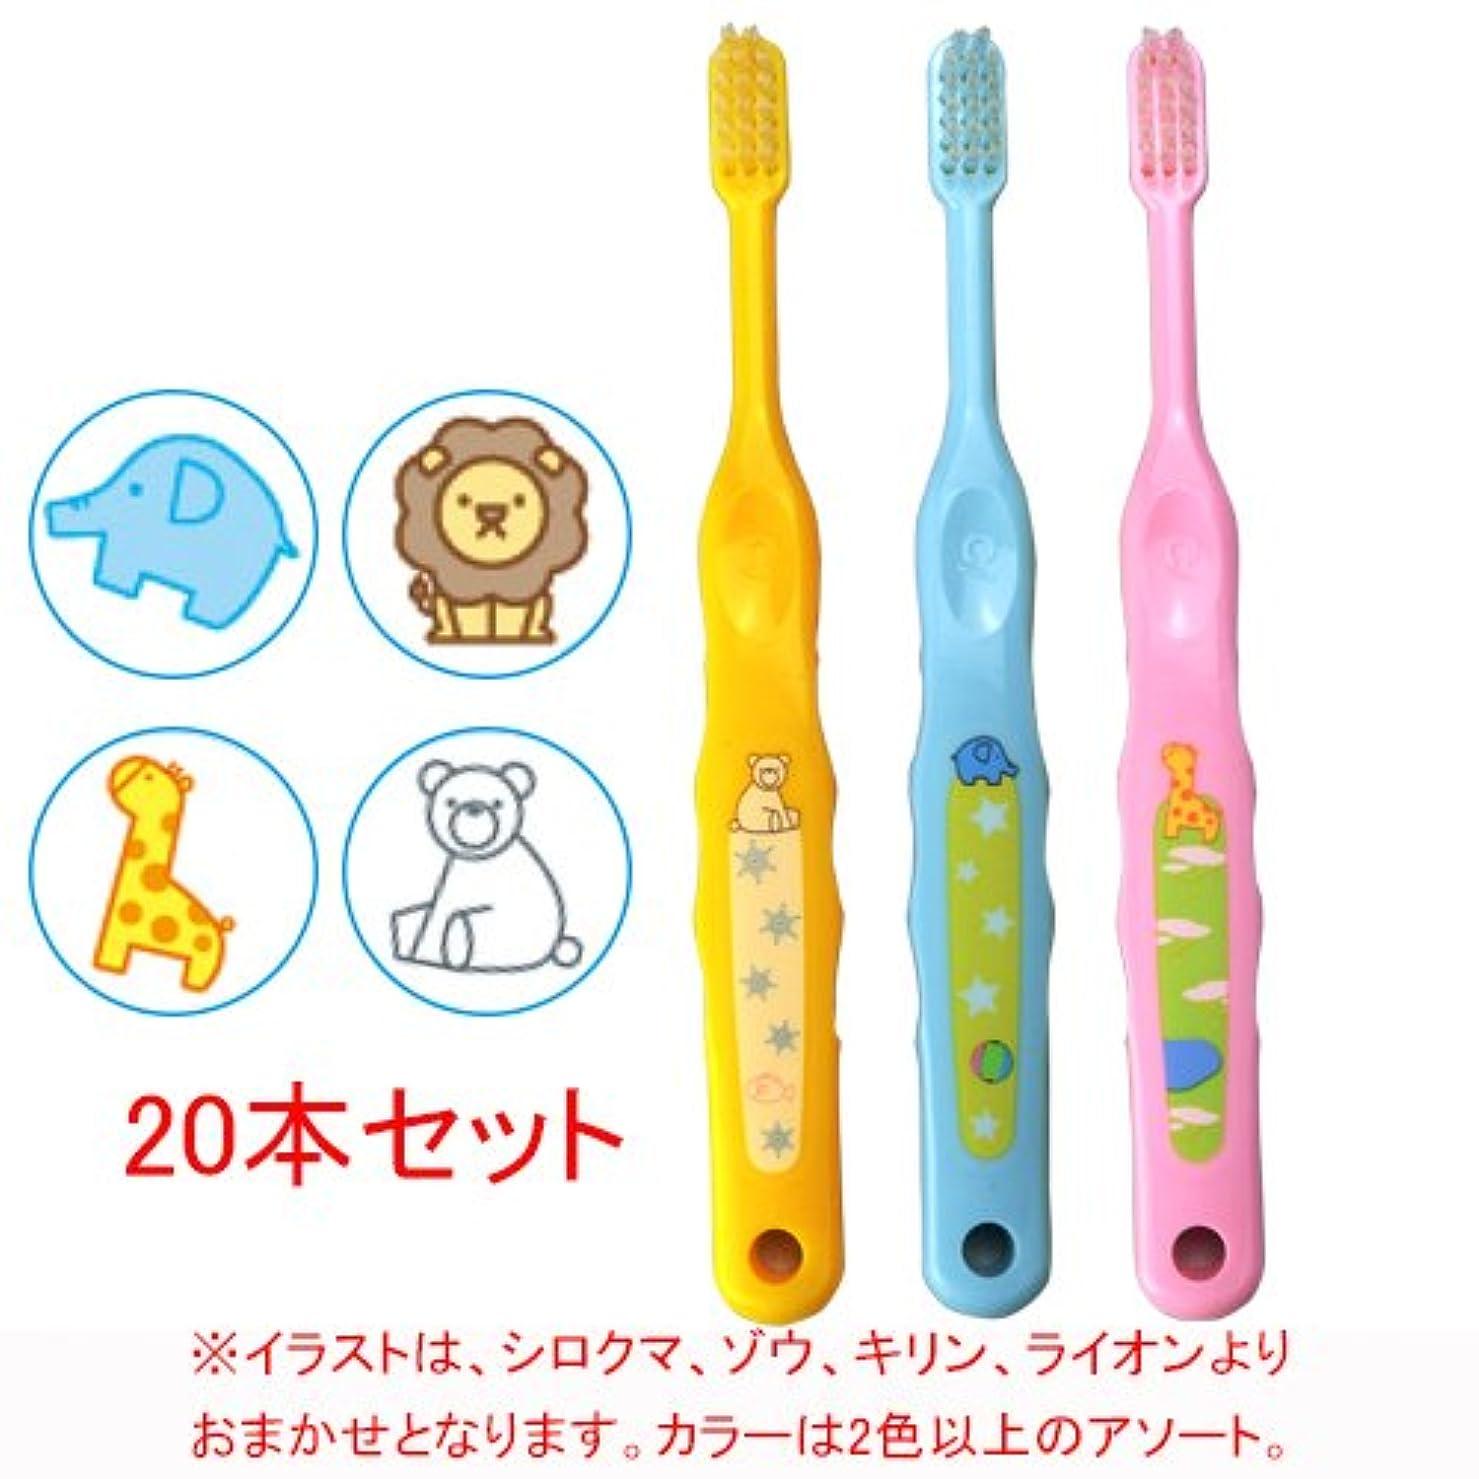 幻想有毒な確保するCiメディカル Ci なまえ歯ブラシ 502 (ふつう) (乳児~小学生向)×20本